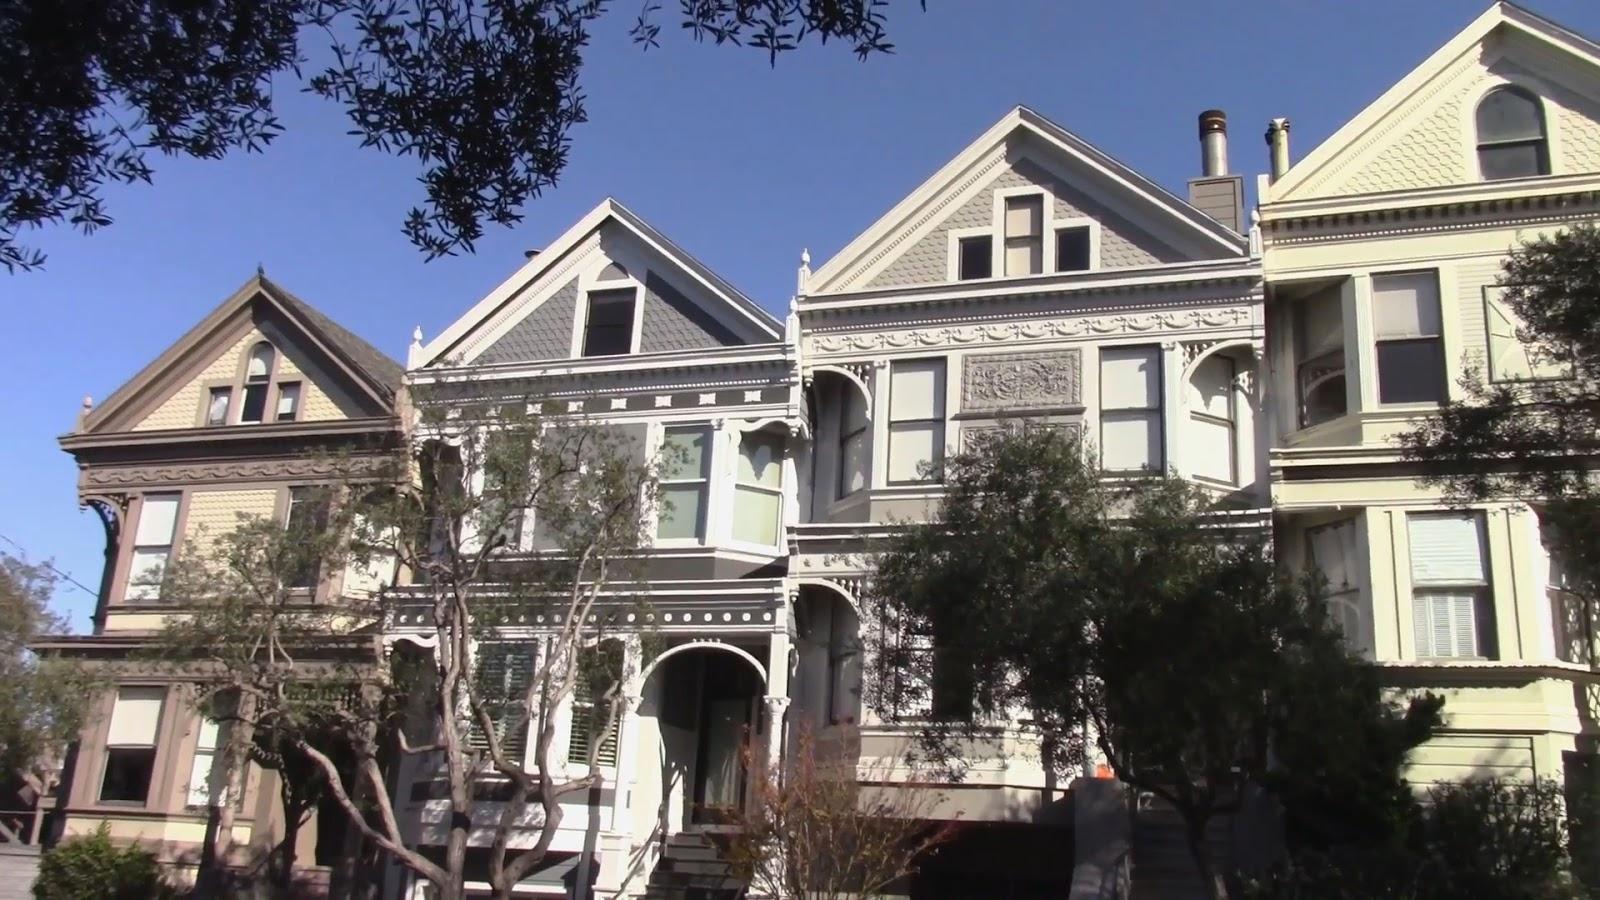 Maisons victoriennes sur Hyde Street, San Francisco